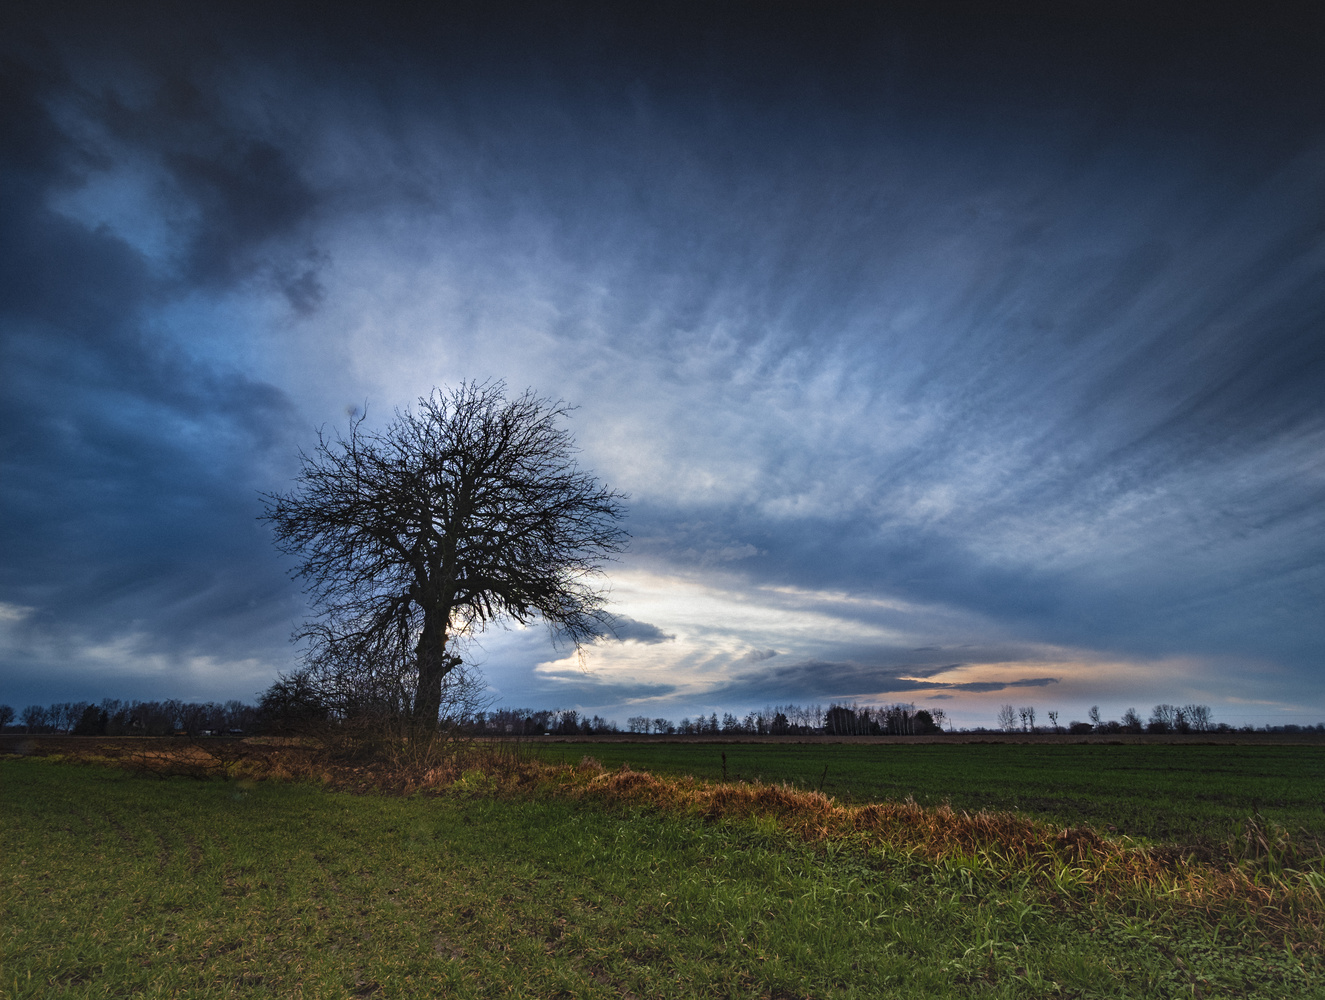 Trees by Jerzy Wolochowicz